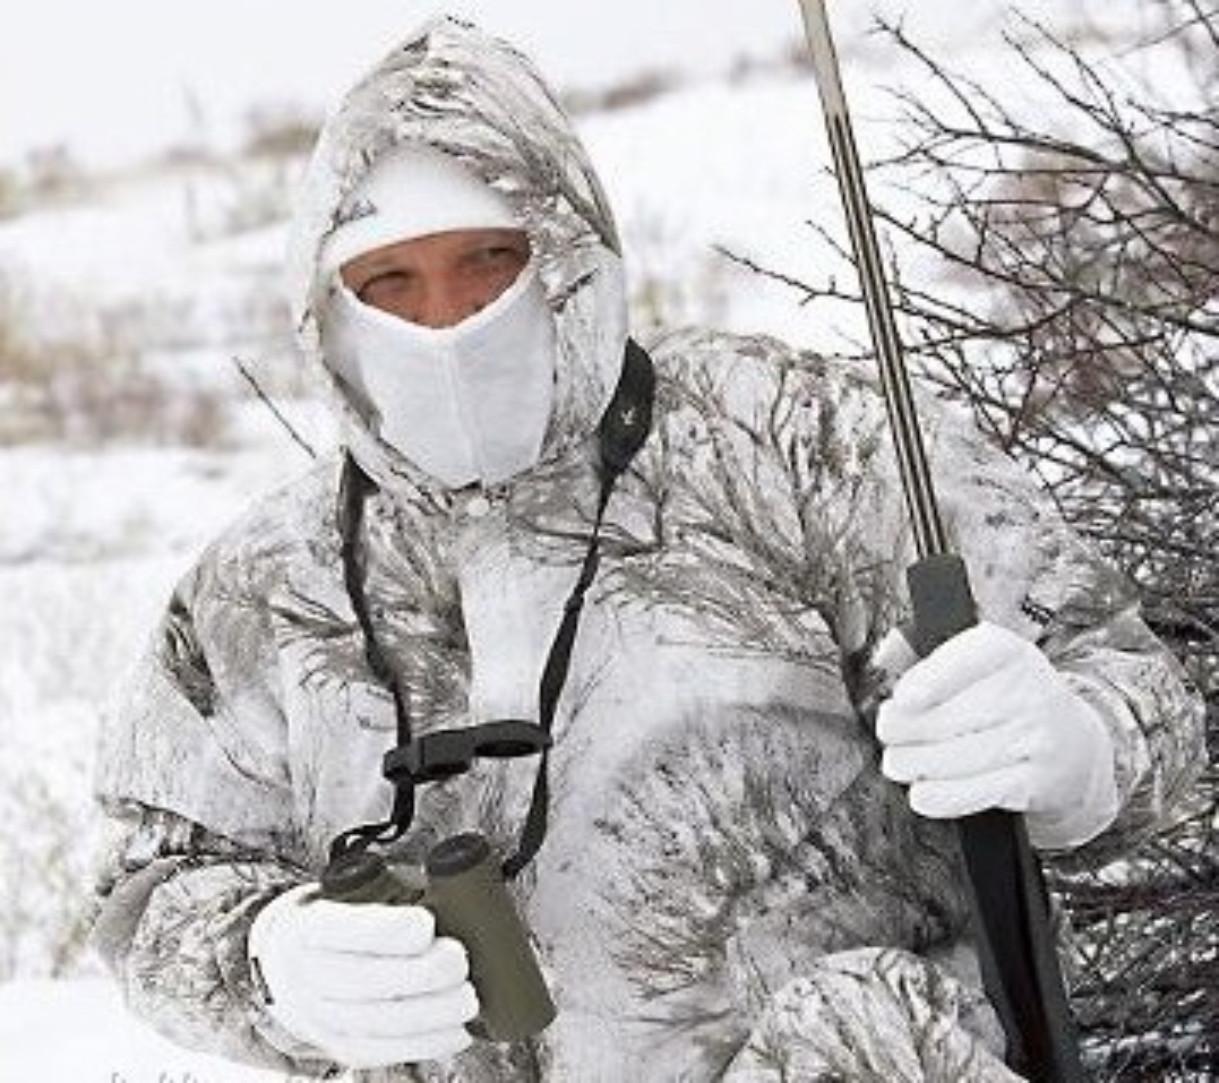 Зимняя охота - захватывающее приключение